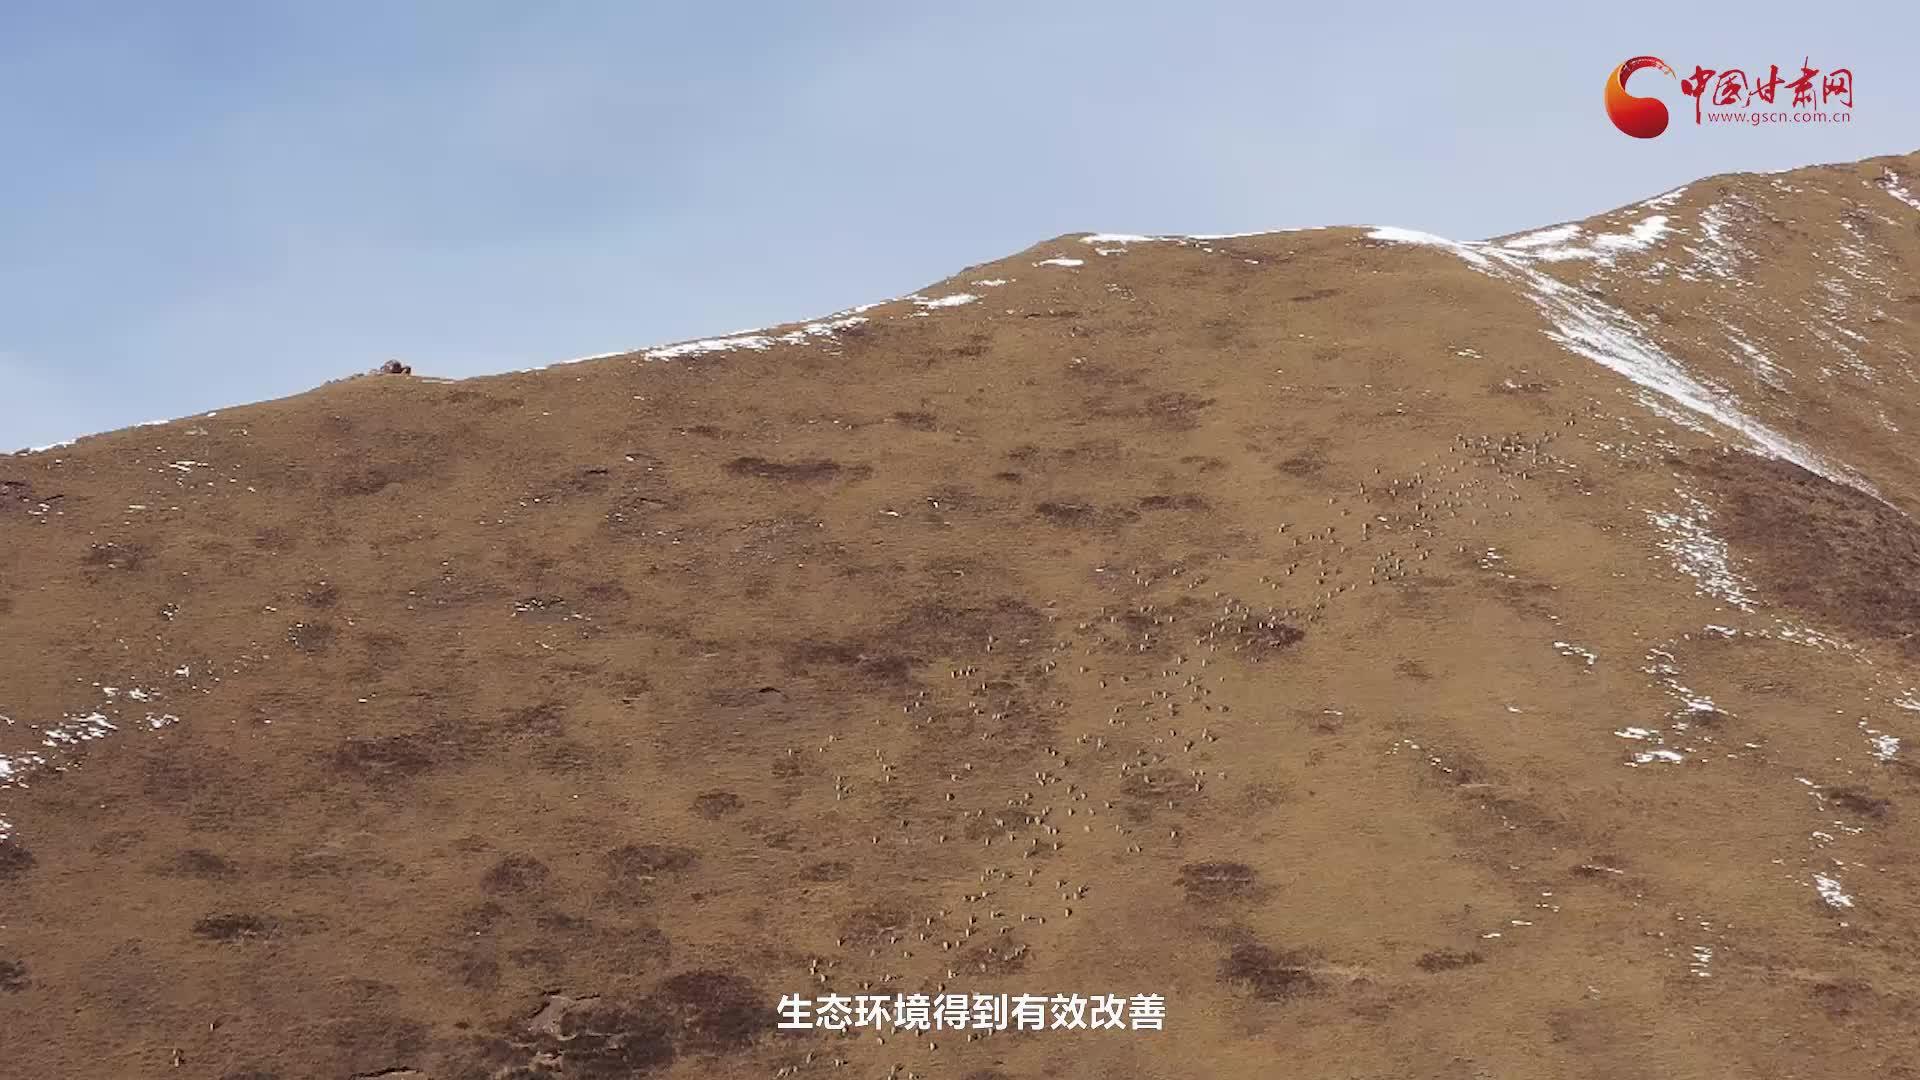 【微视频】山丹马场发现近千只岩羊翻山觅食